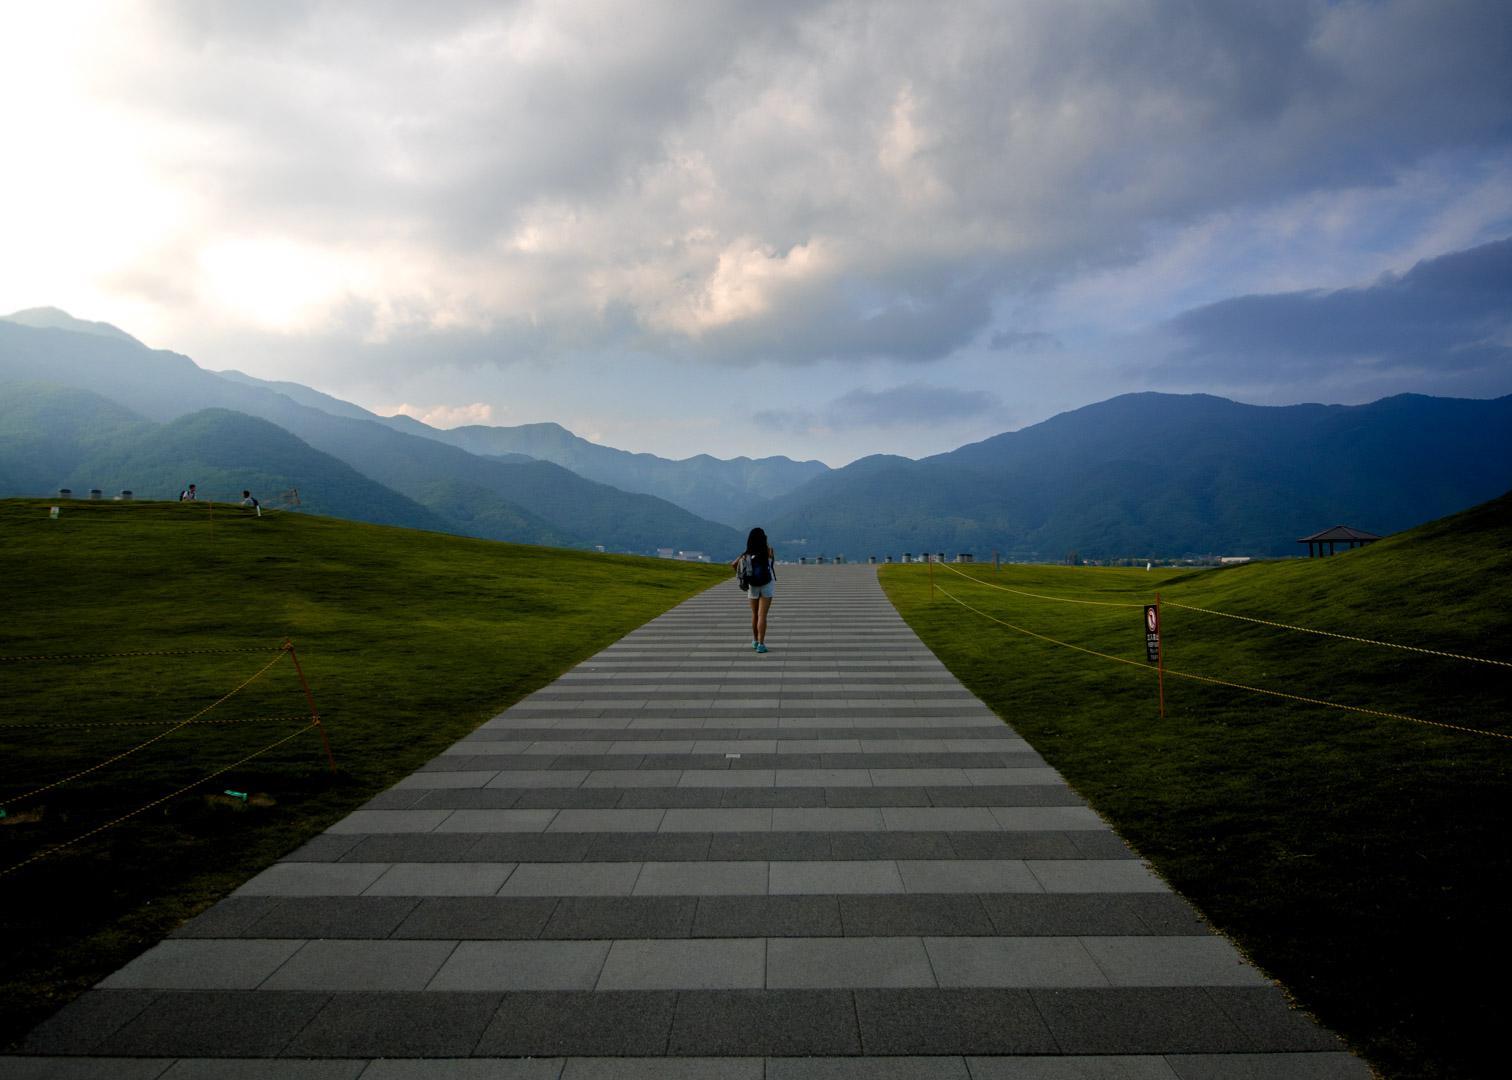 海外「日本は田舎でもこんなに綺麗なのかよwww」日本人は景観とか環境に常に気を使っていて素晴らしいと思う